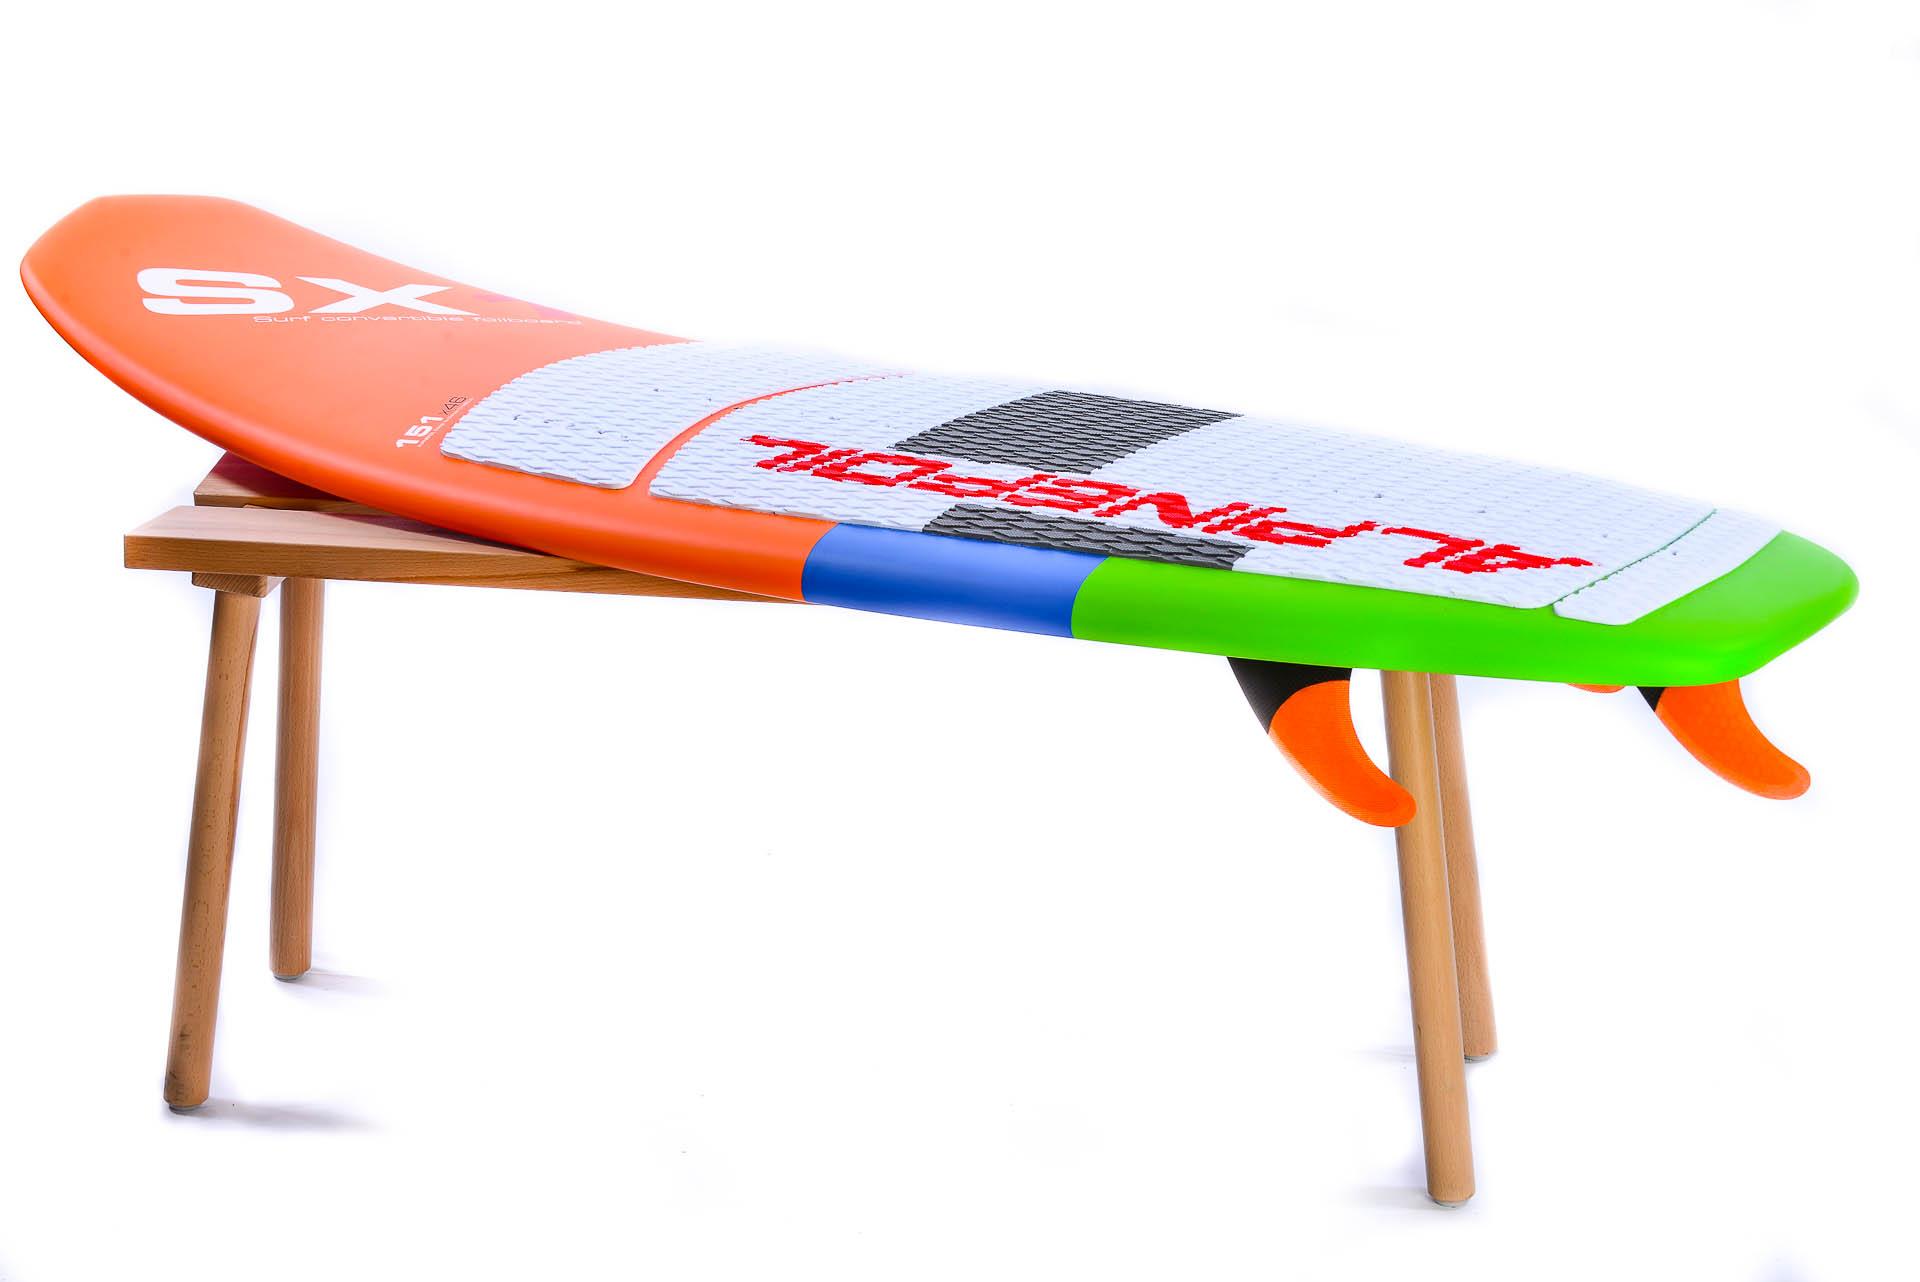 Kitefoil board alpinefoil 8924